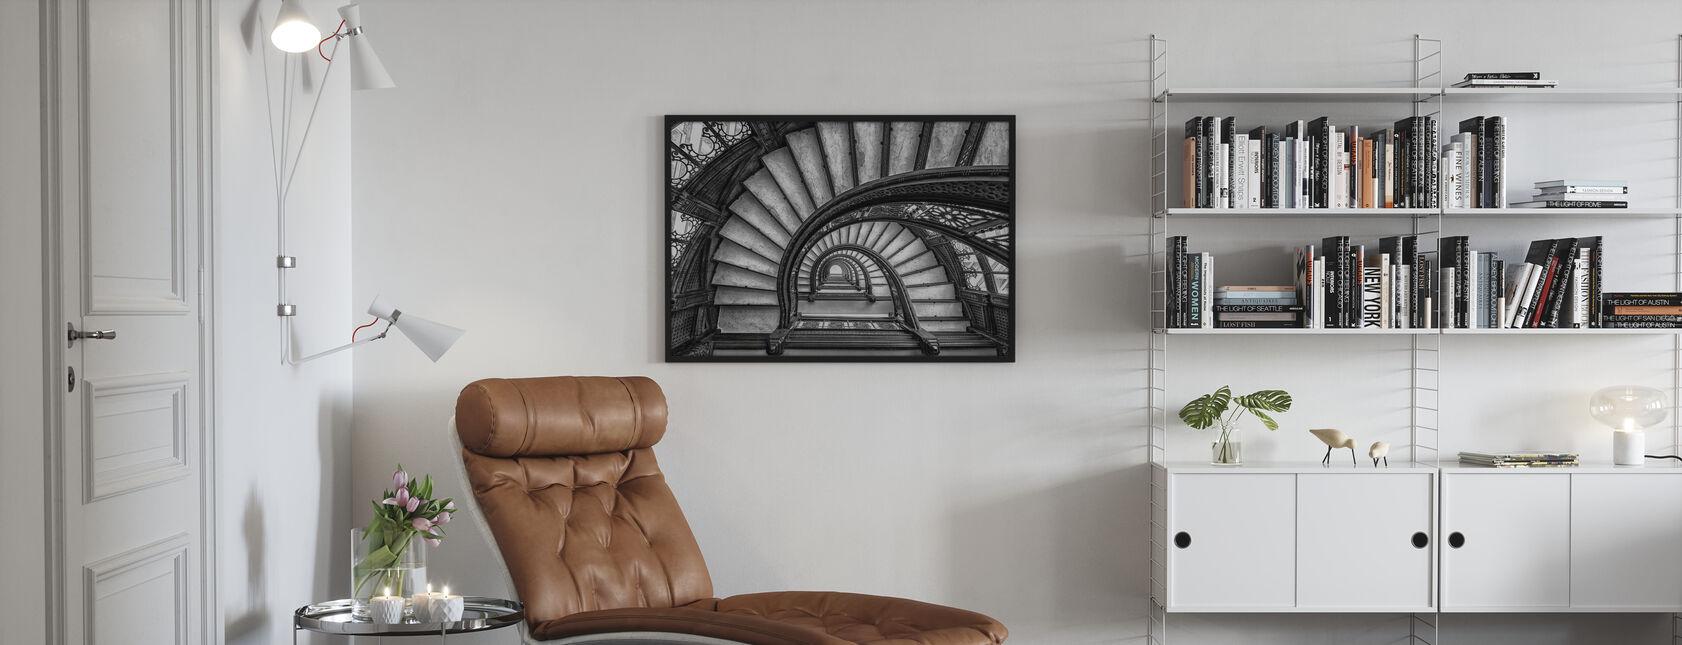 The Rookery, schwarz/weiß - Gerahmtes bild - Wohnzimmer